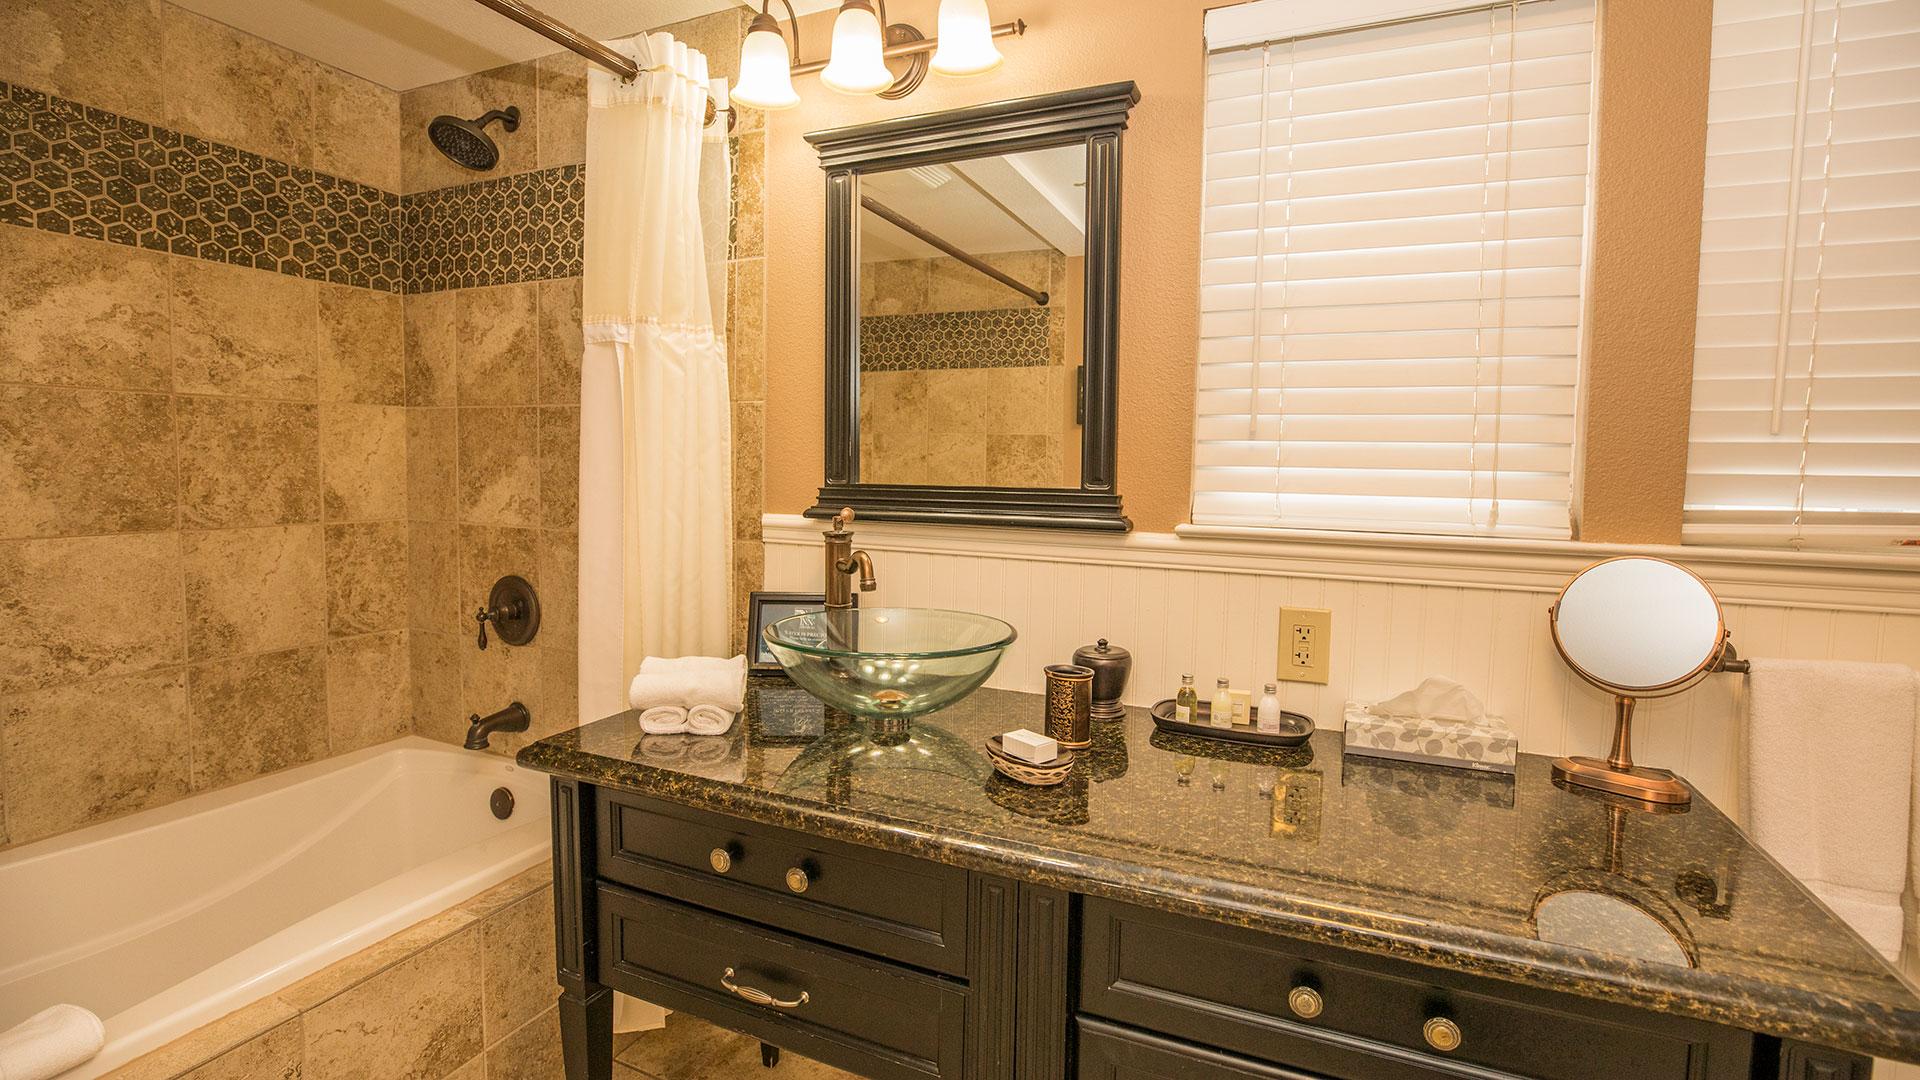 Montara Room Bathroom With Deep Soaking Tub